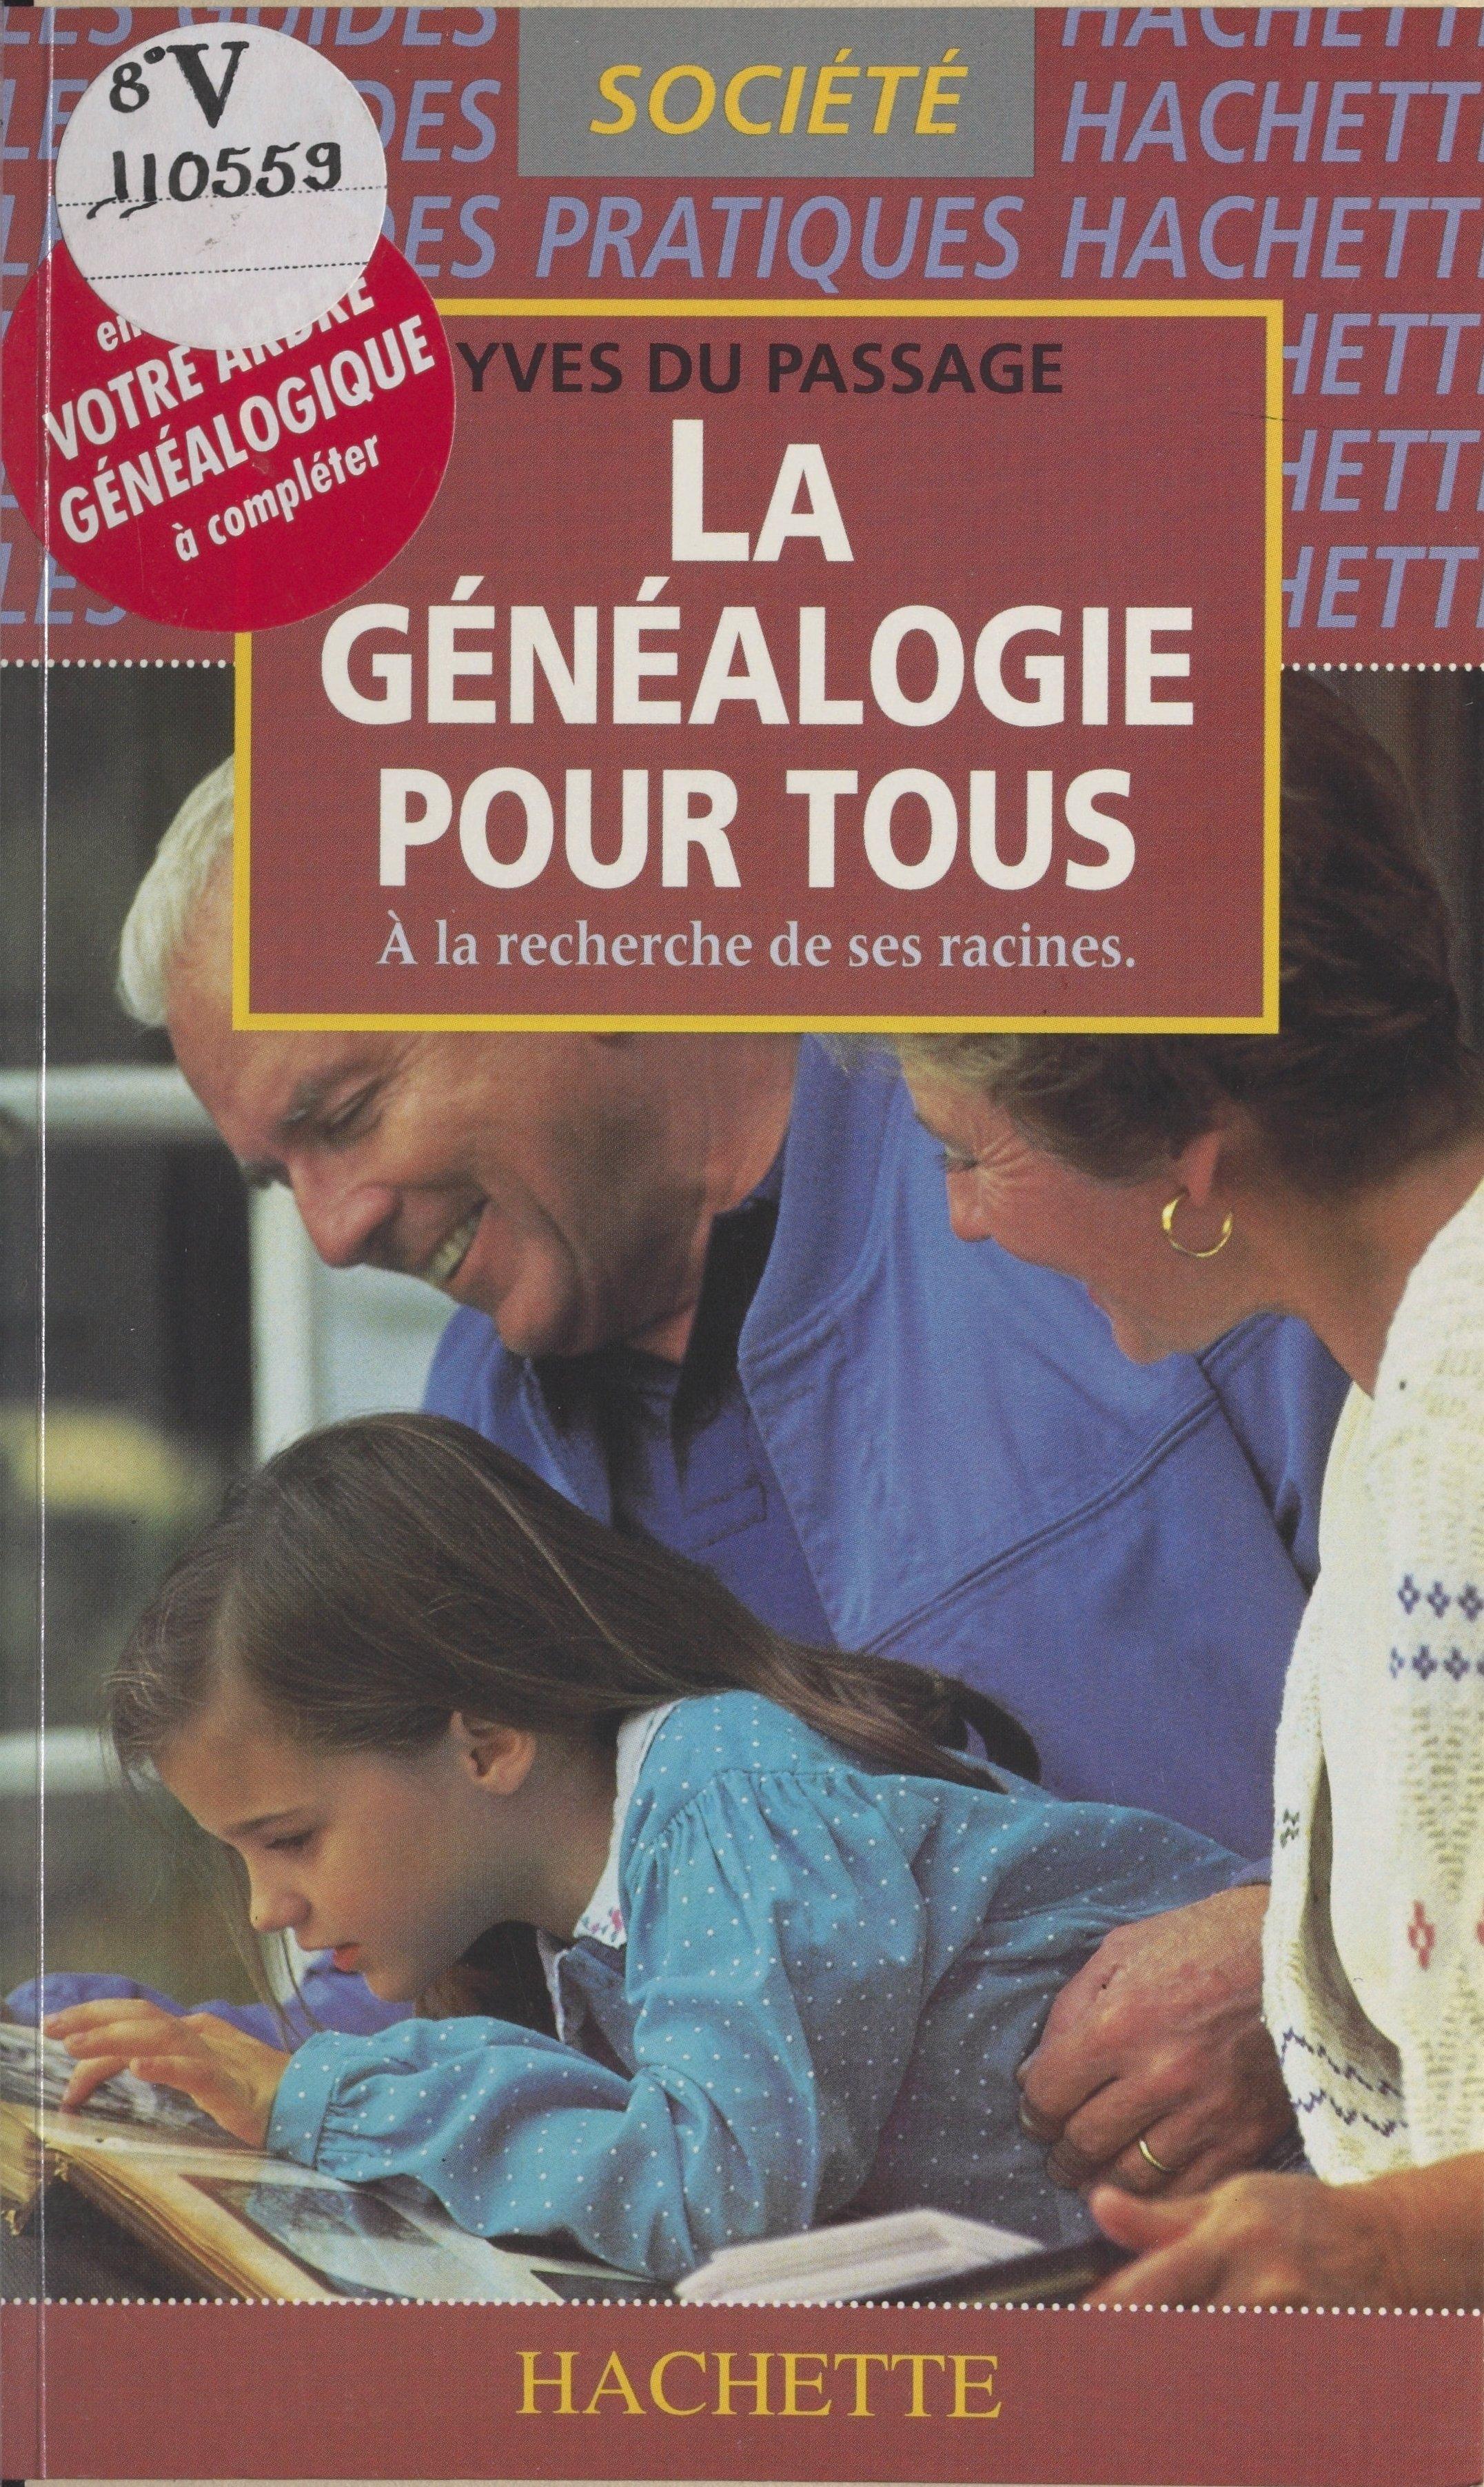 La généalogie pour tous